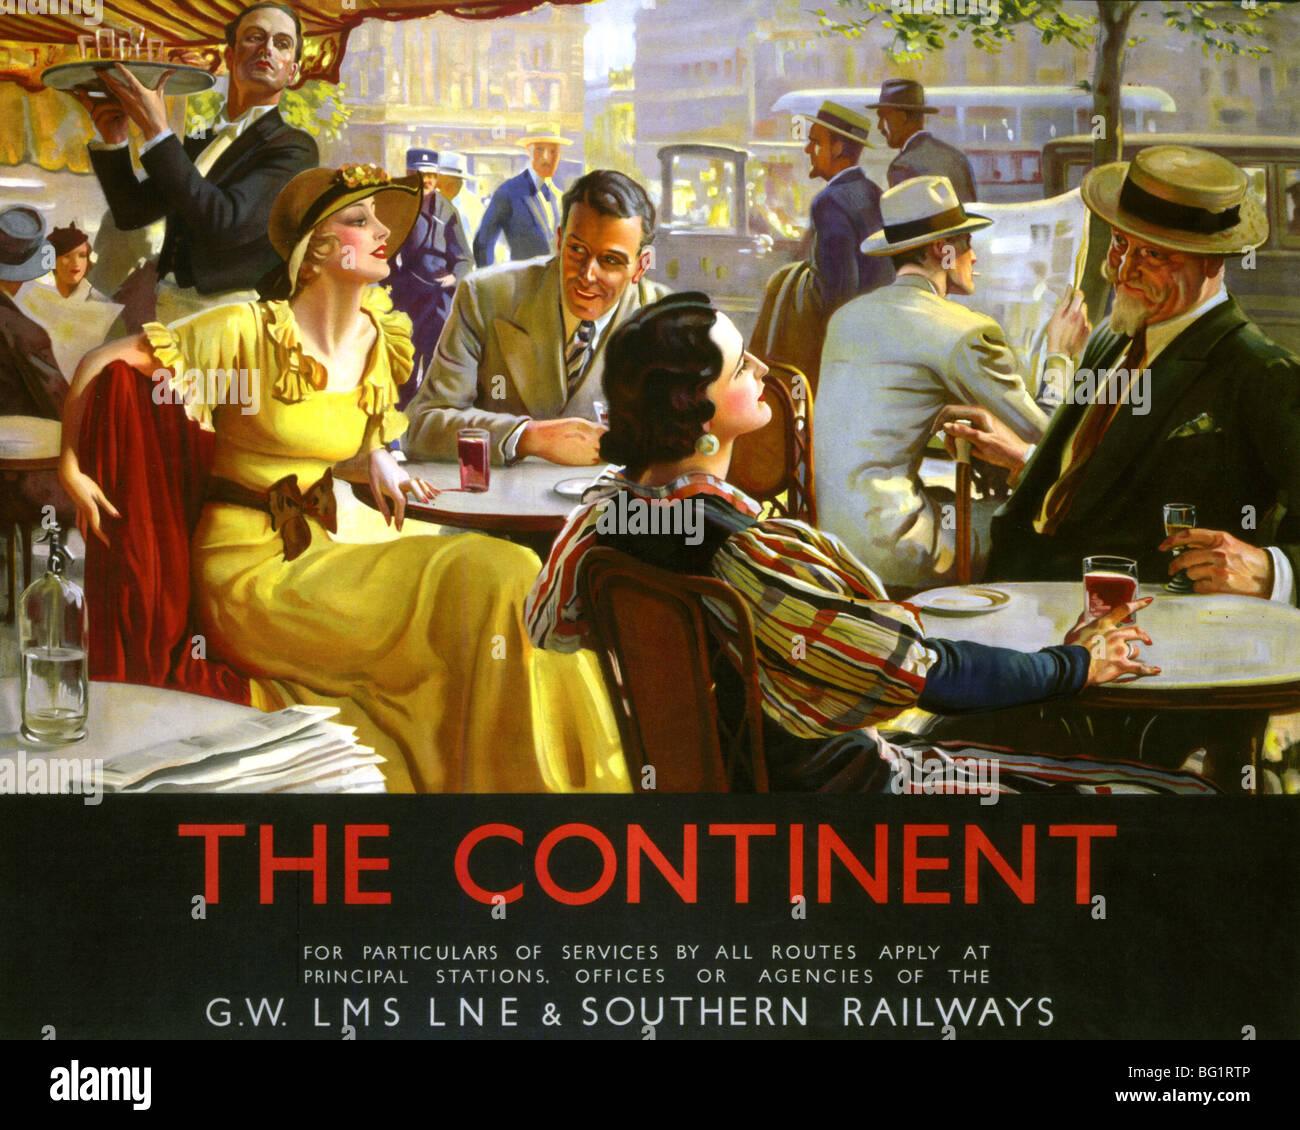 Britische Eisenbahngesellschaften Paris CAFE Leben fördern Reise auf den Kontinent in den 1920er Jahren Stockbild